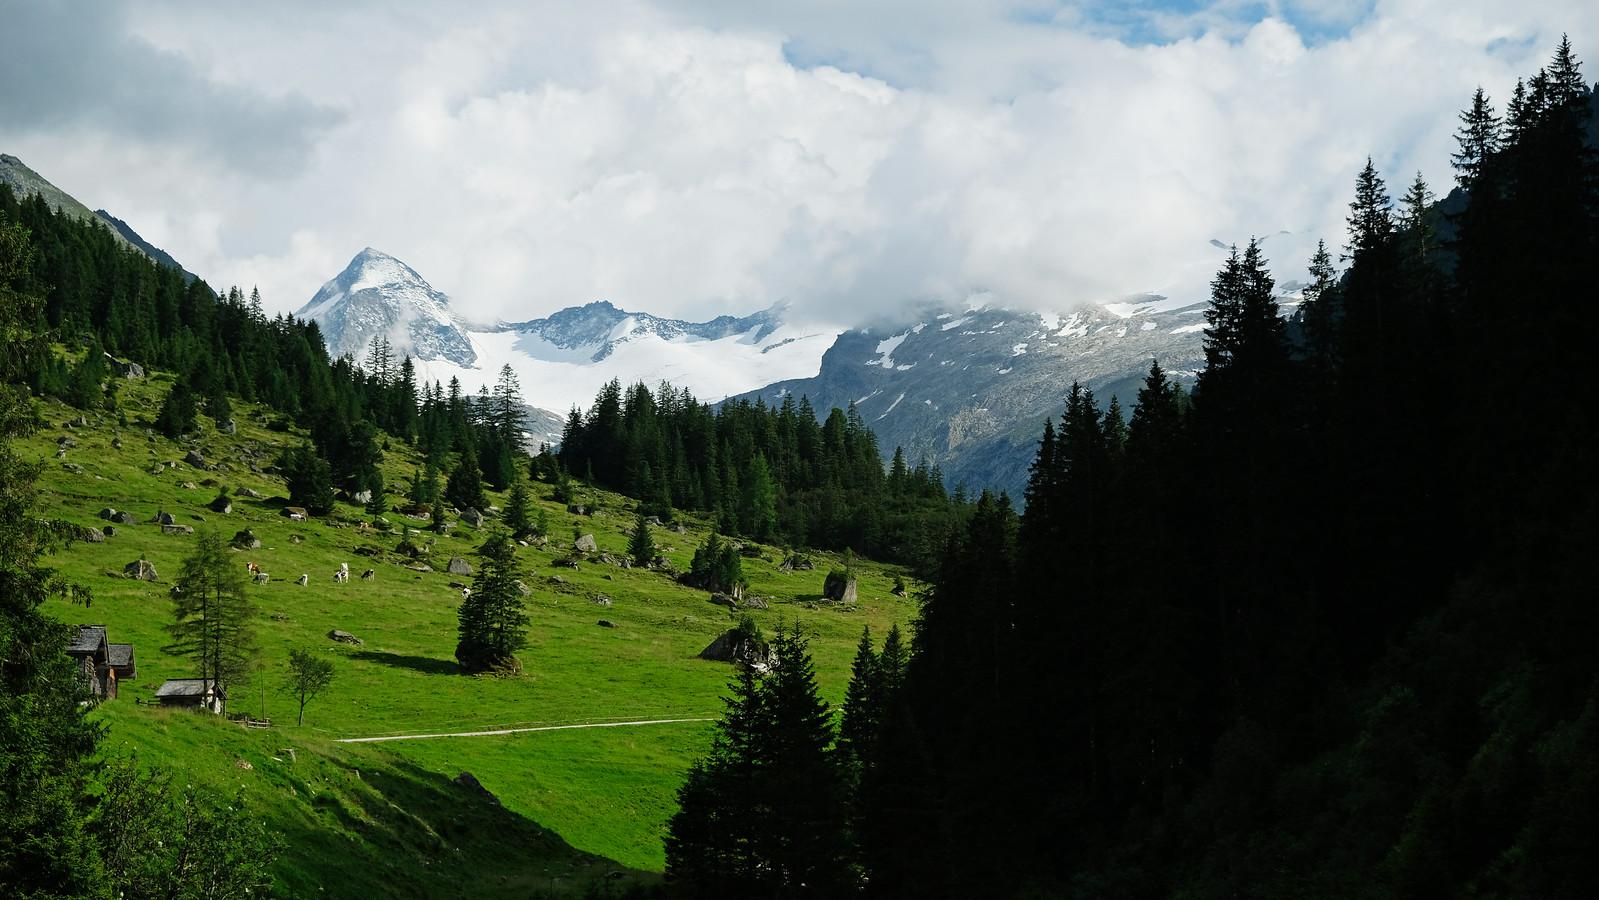 Obersulzbachtal, Austria